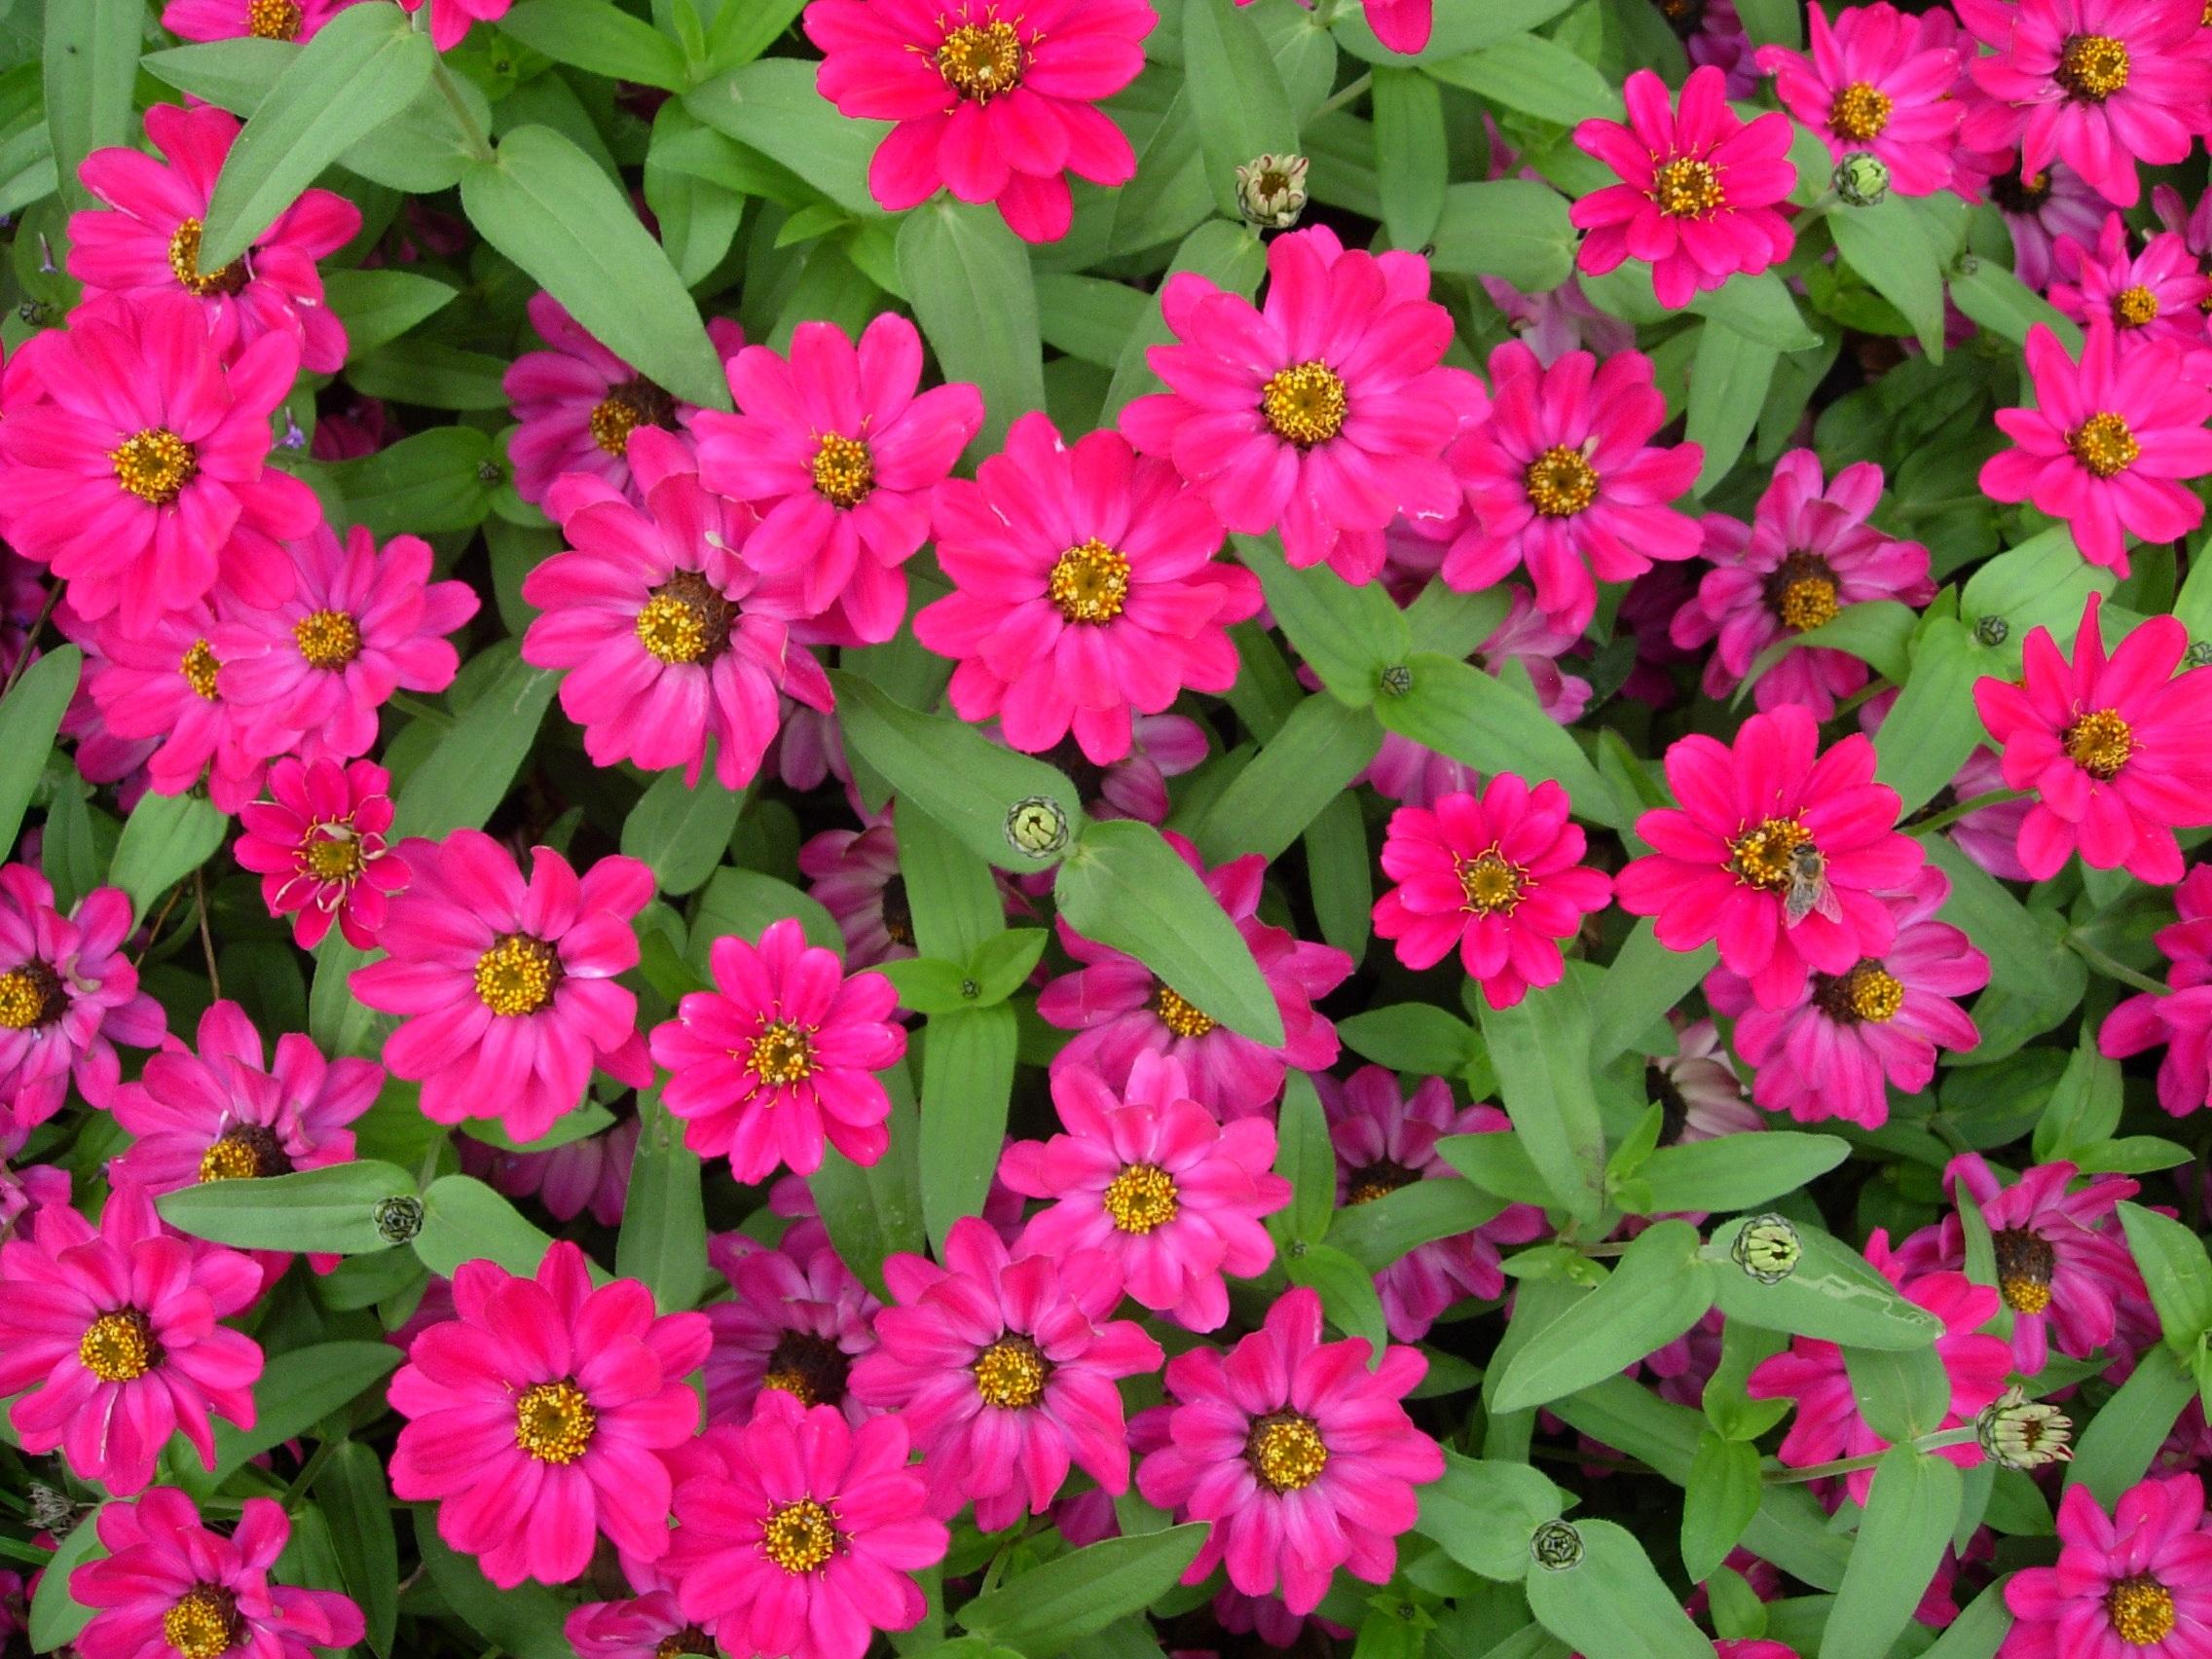 Free Images Petal Colorful Garden Flora Flower Bed Magenta